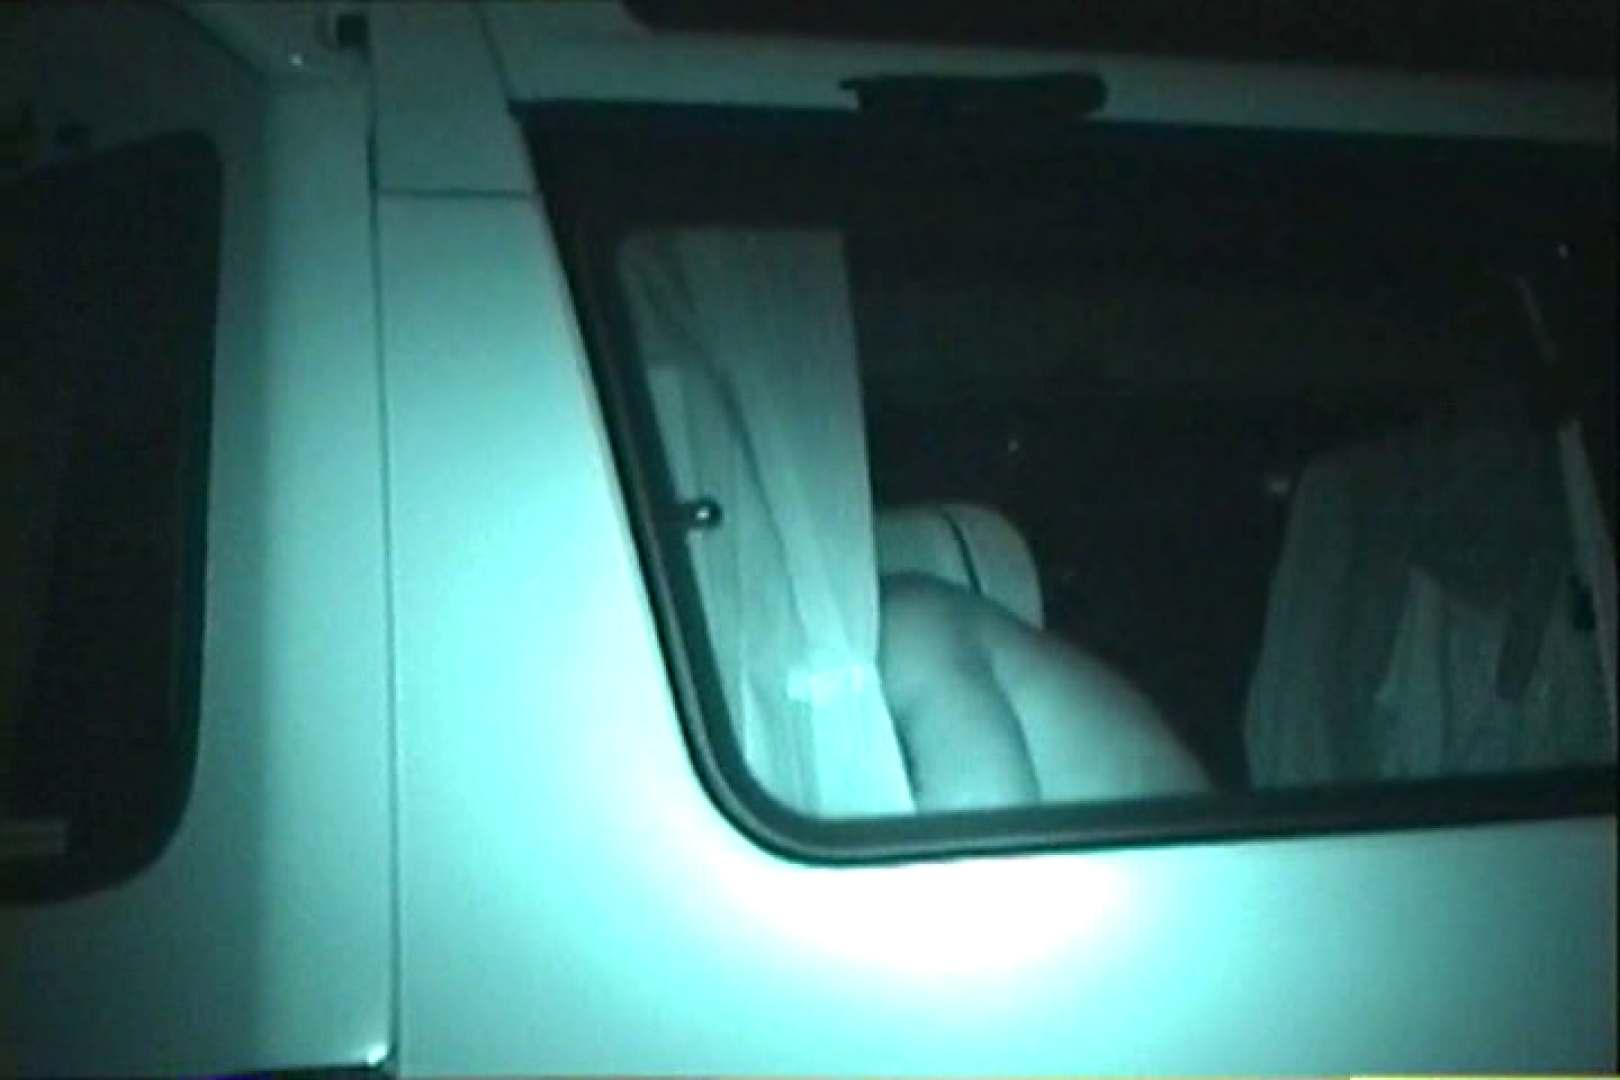 車の中はラブホテル 無修正版  Vol.28 ホテル のぞき動画キャプチャ 99pic 38